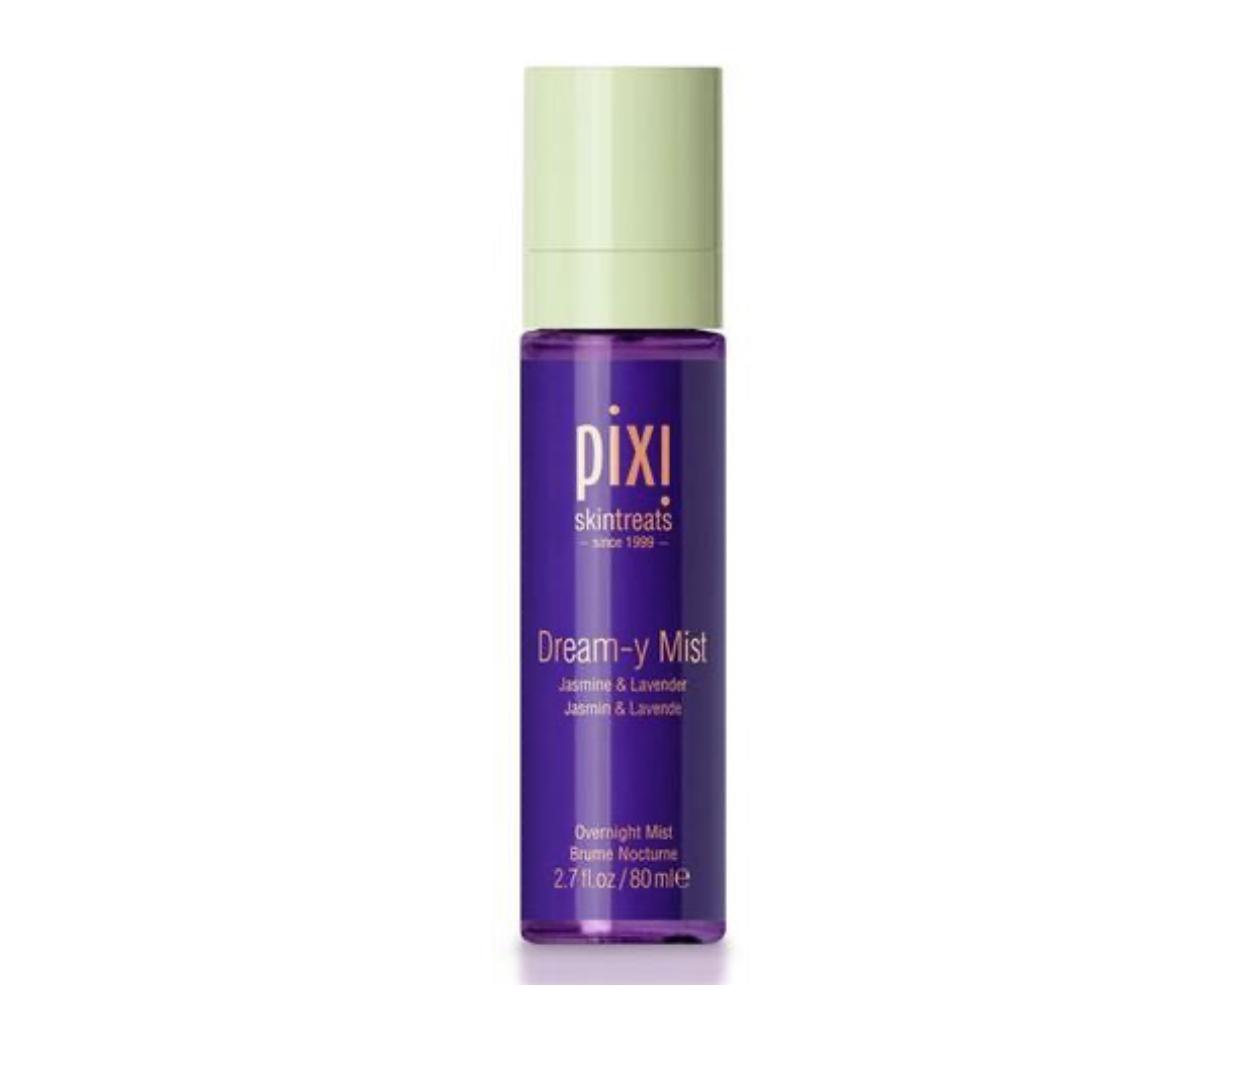 Pixi Dream-y Mist